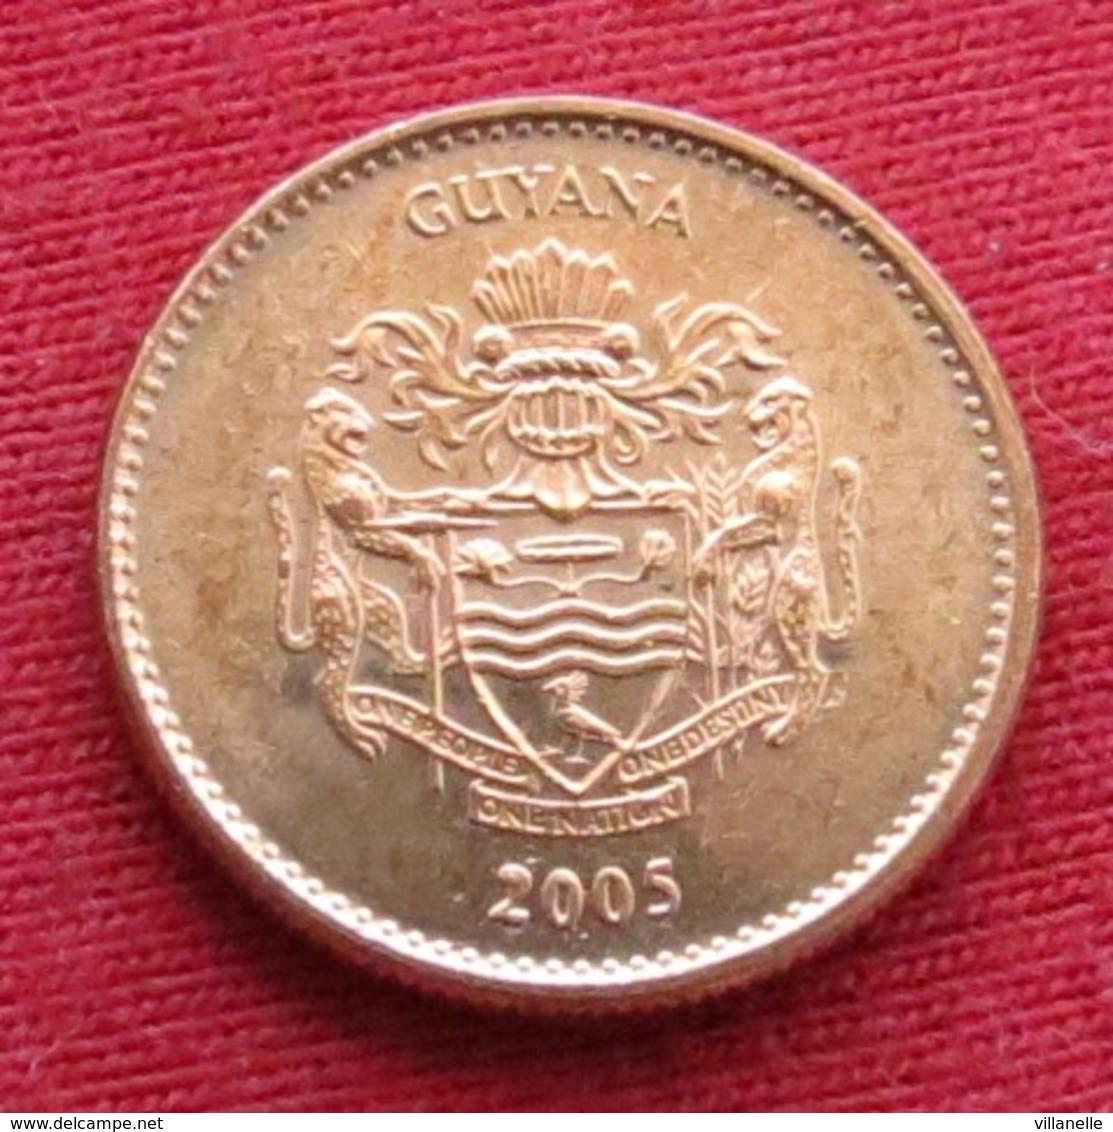 Guyana 1 Dollar 2005 KM# 50  Guiana - Guyana